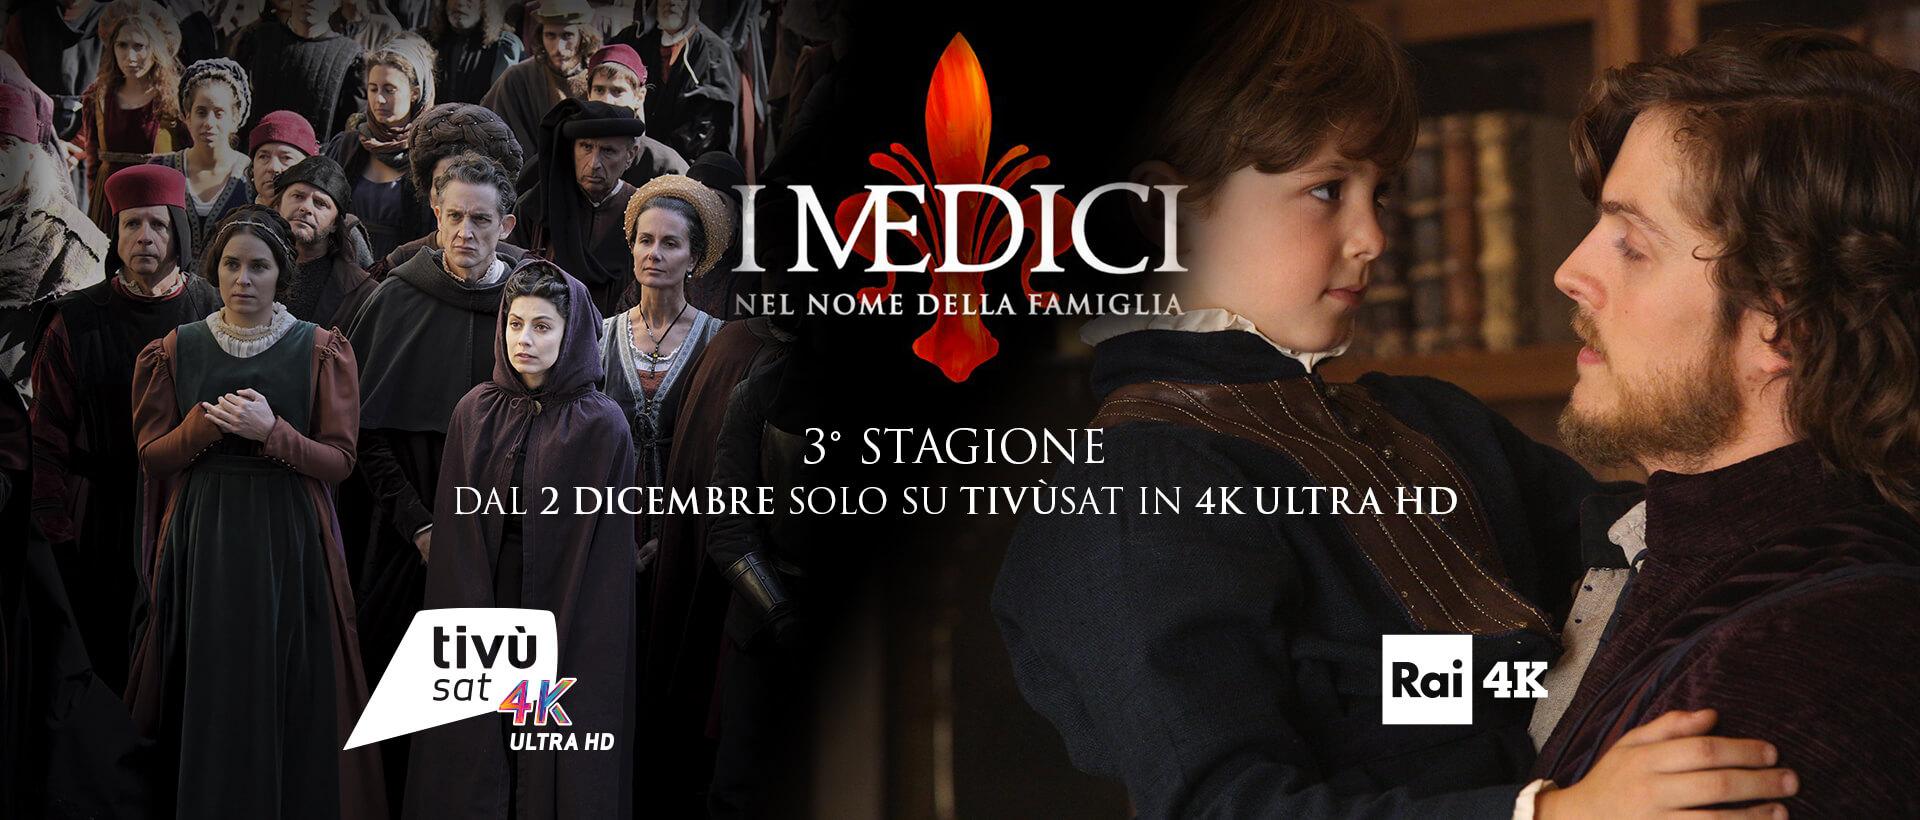 I Medici - Nel nome della famiglia, in Ultra HD Rai 4K al canale 210 tivùsat.